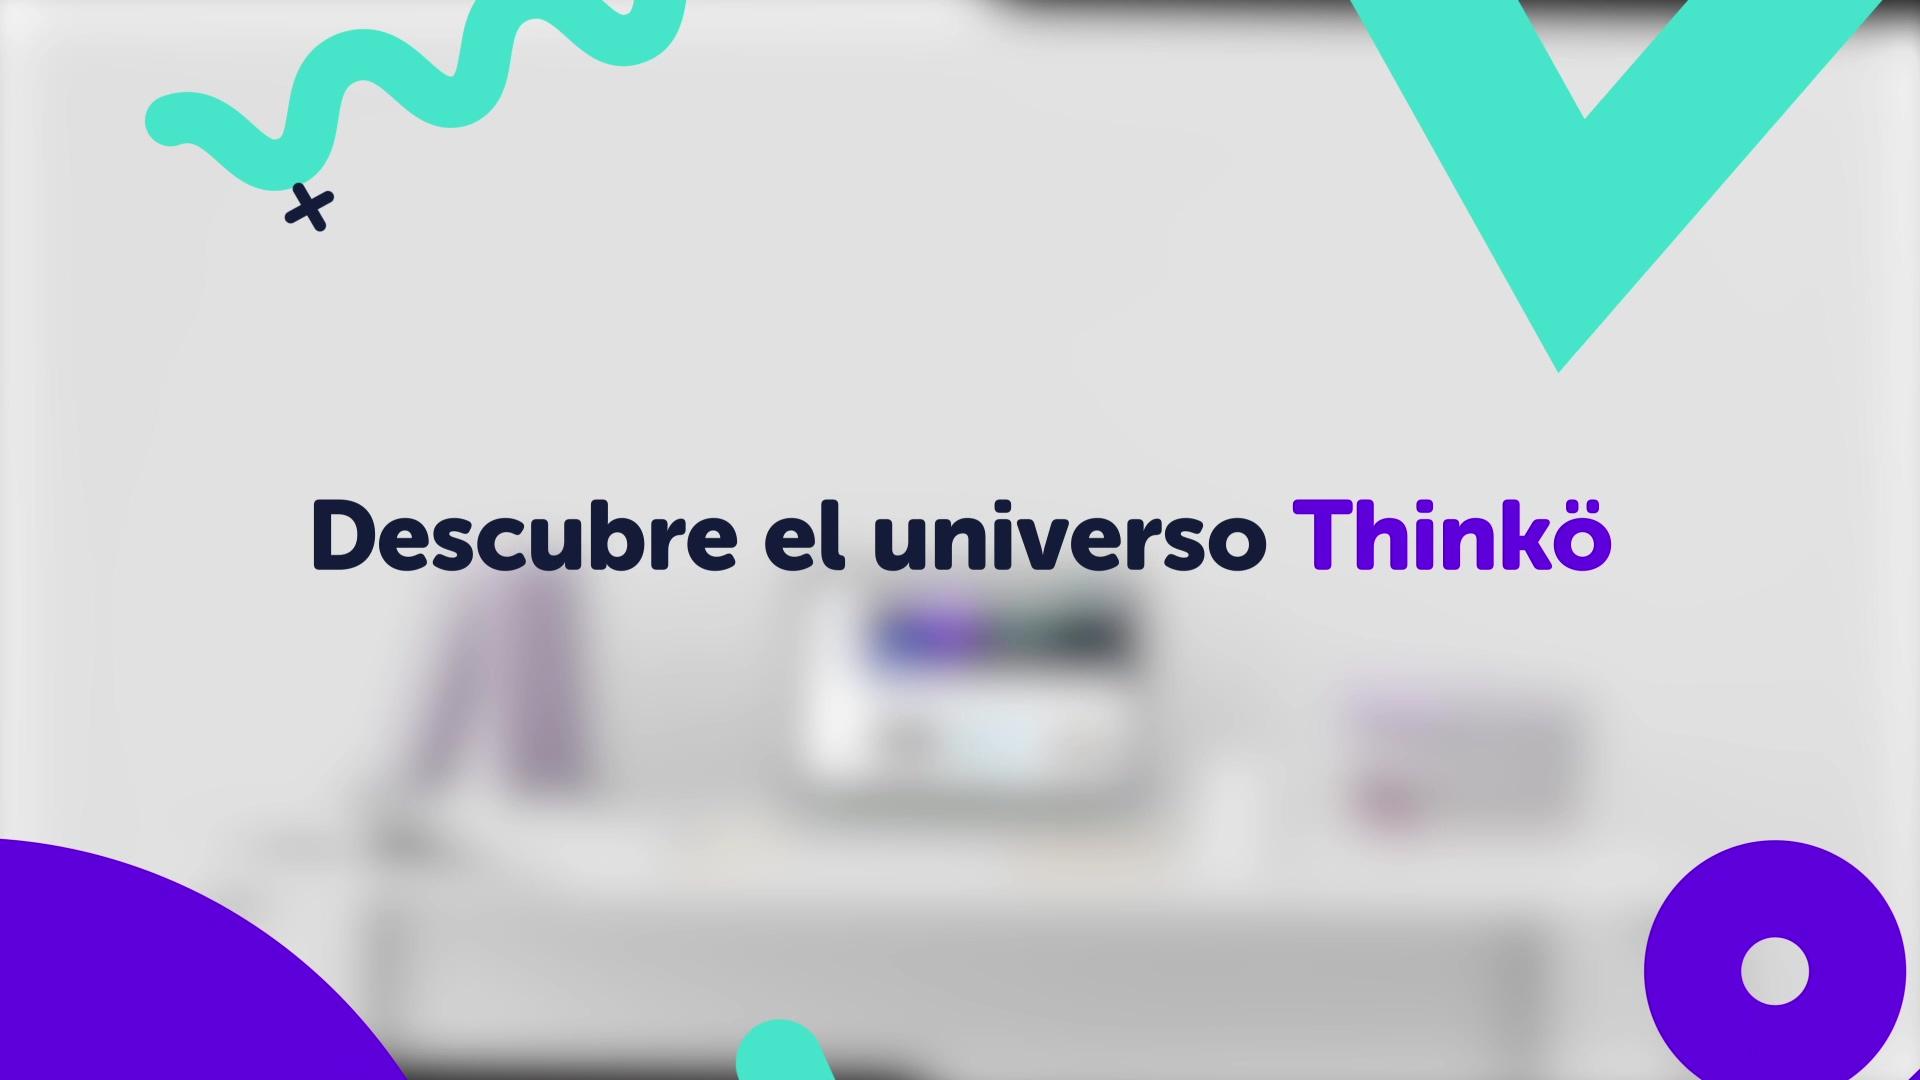 Descubre el universo Thinkö